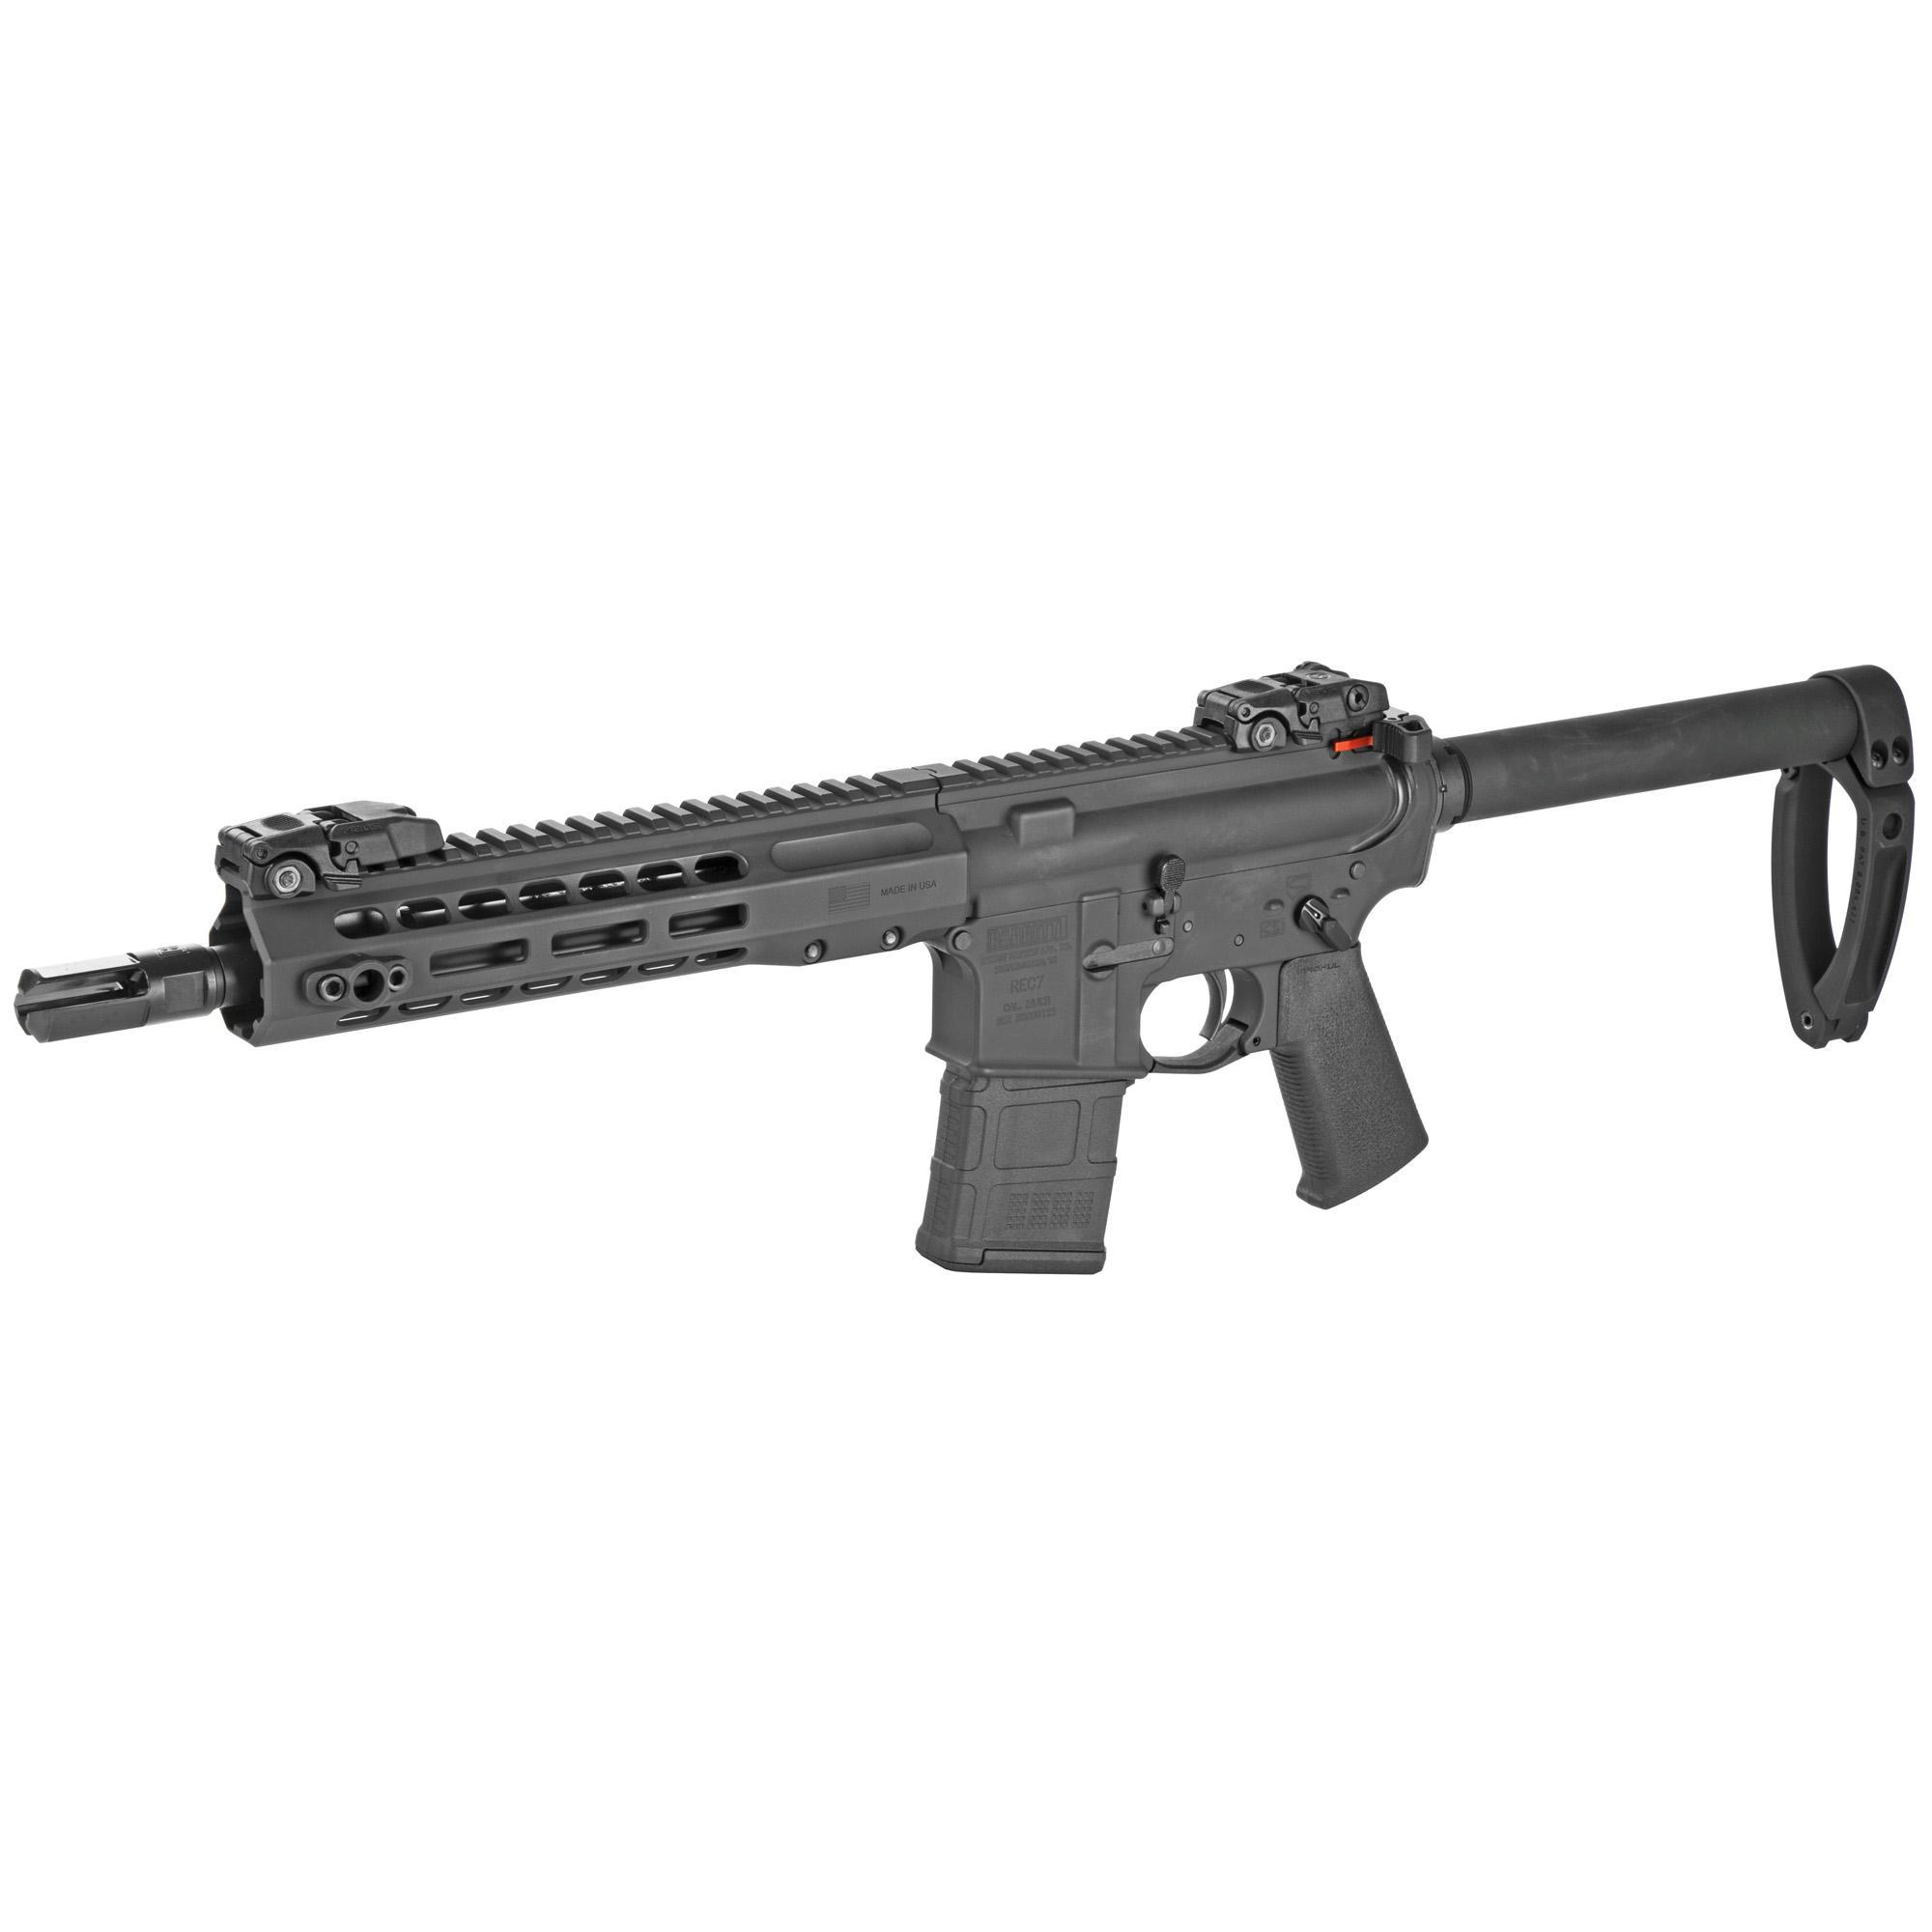 Barrett Rec7 Di 556 Blk Mlok Pstl - Florida Gun Supply ...